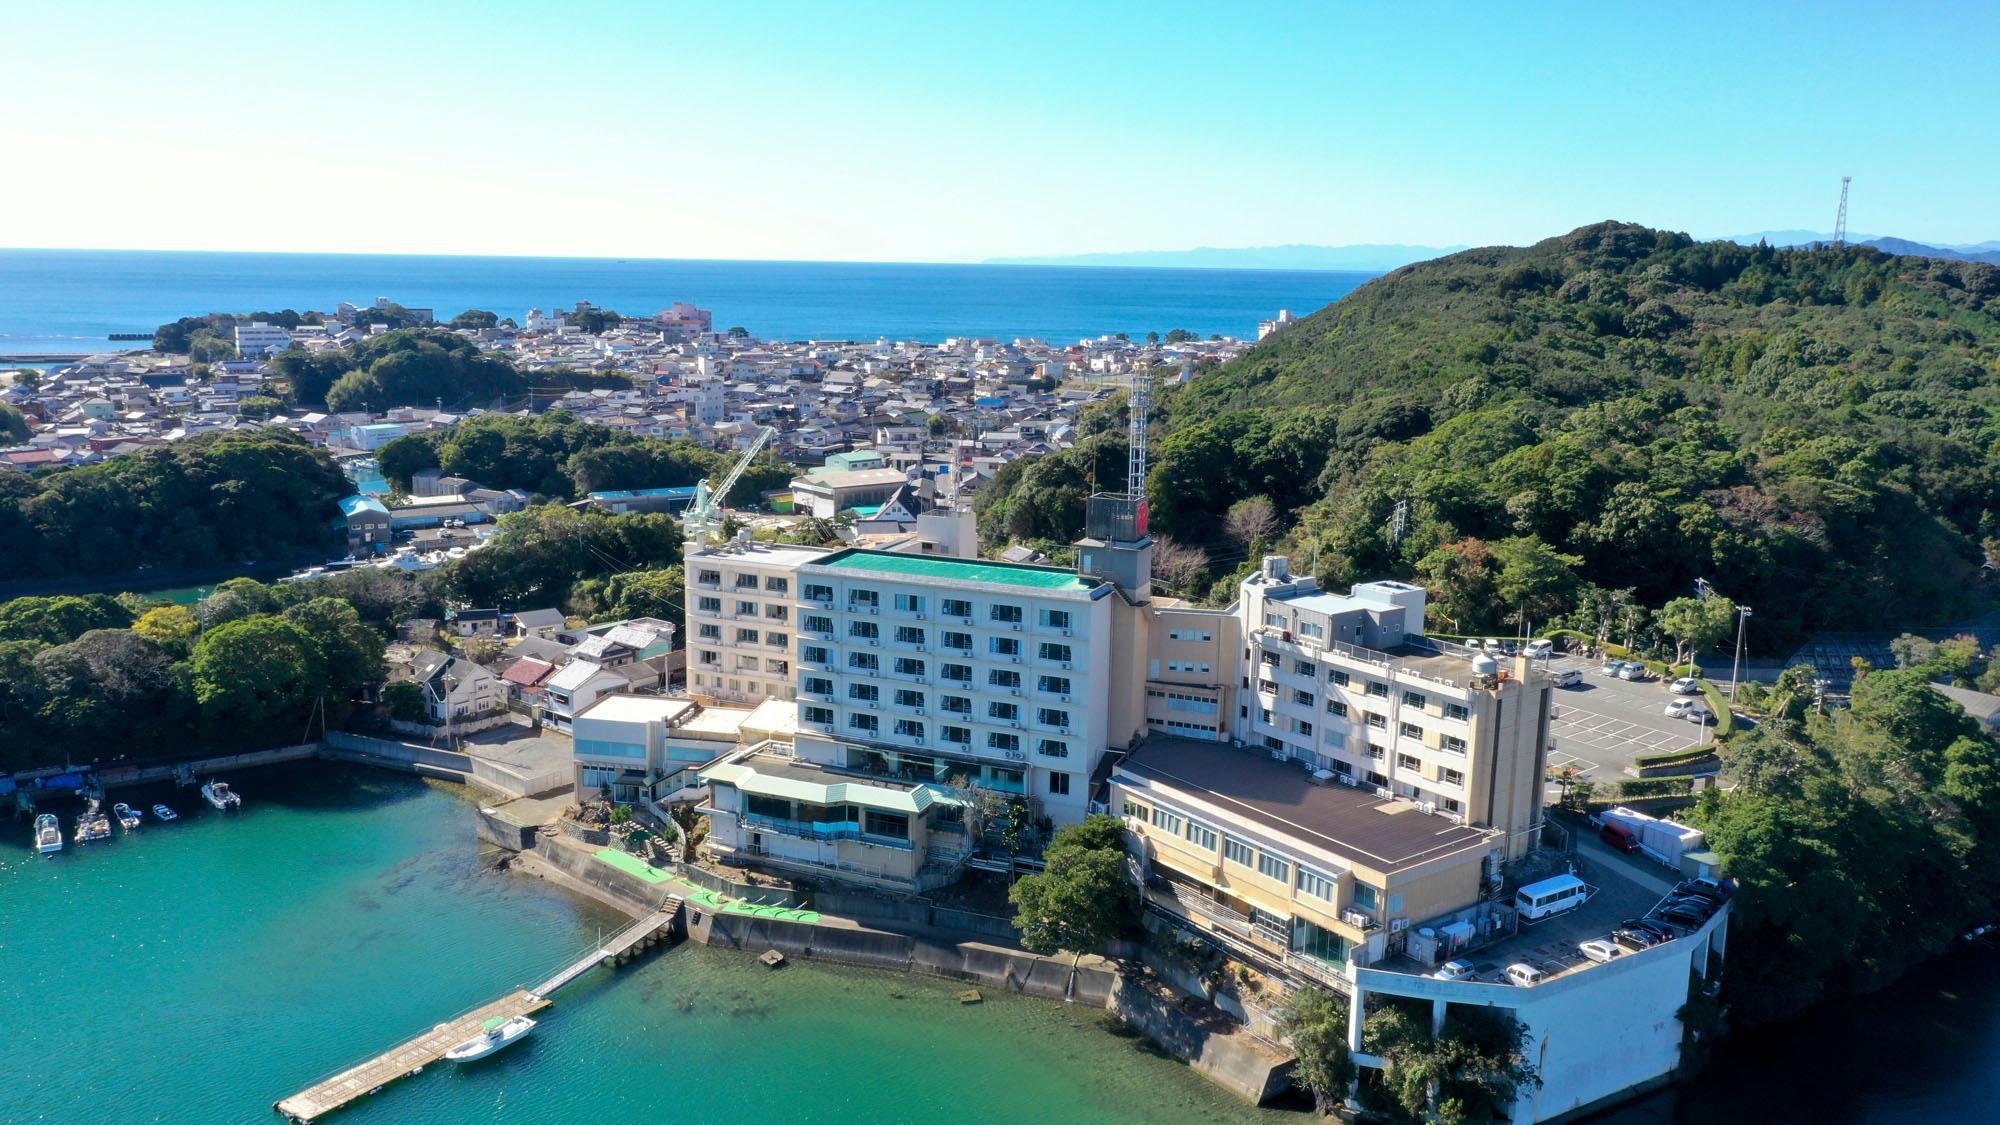 肉食系夫婦!三重県でお肉がいっぱい食べれる温泉旅館を教えて下さい!